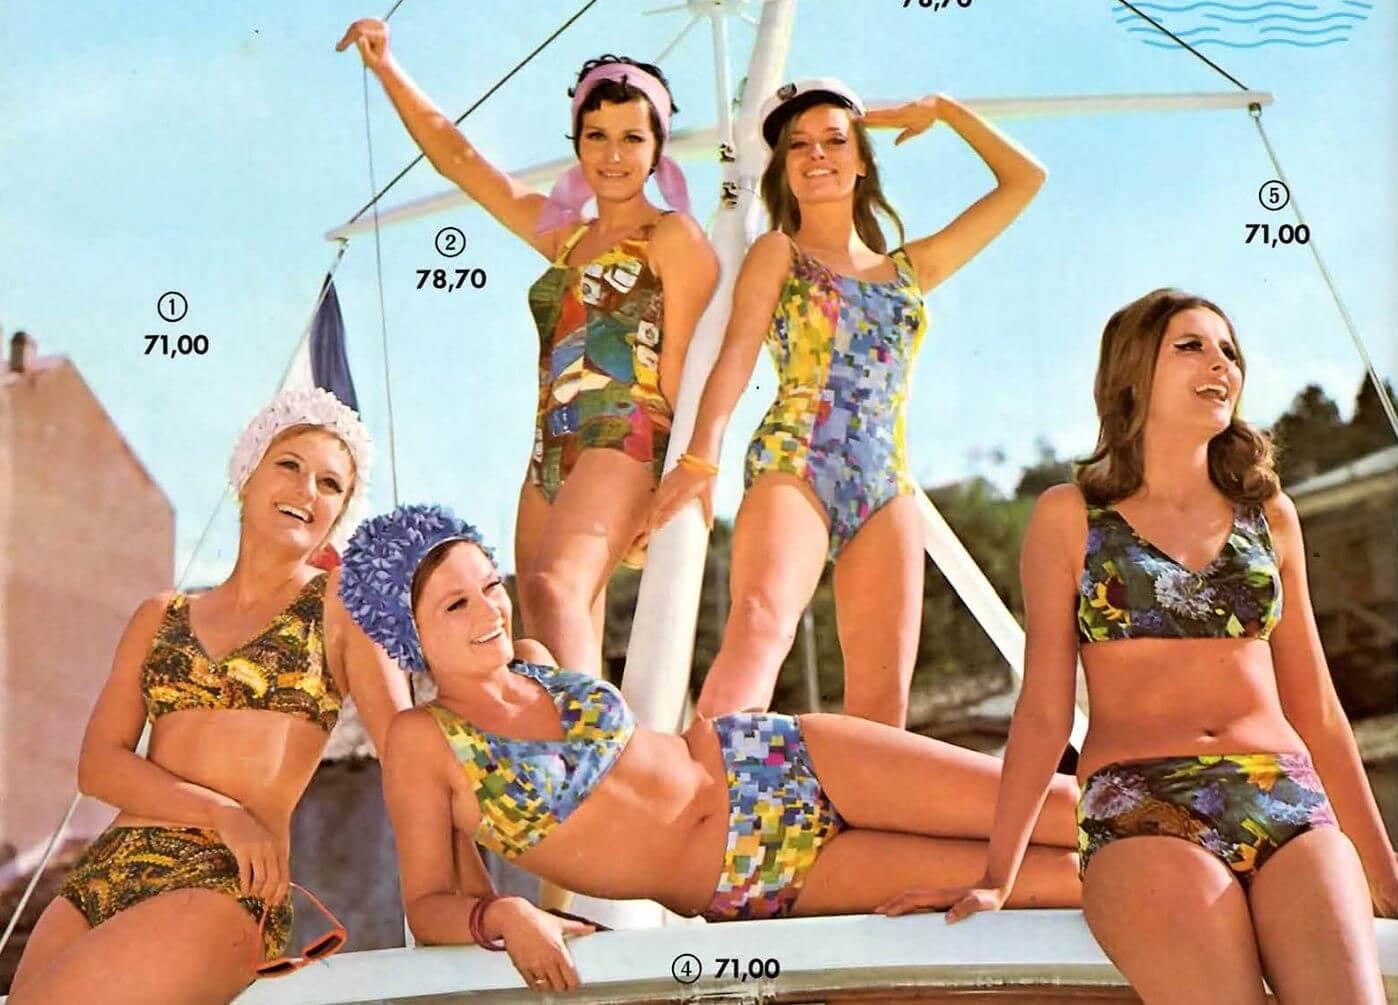 Kupaći kostimi i asortiman za plažu Name vraćaju nas u kasne 60-e